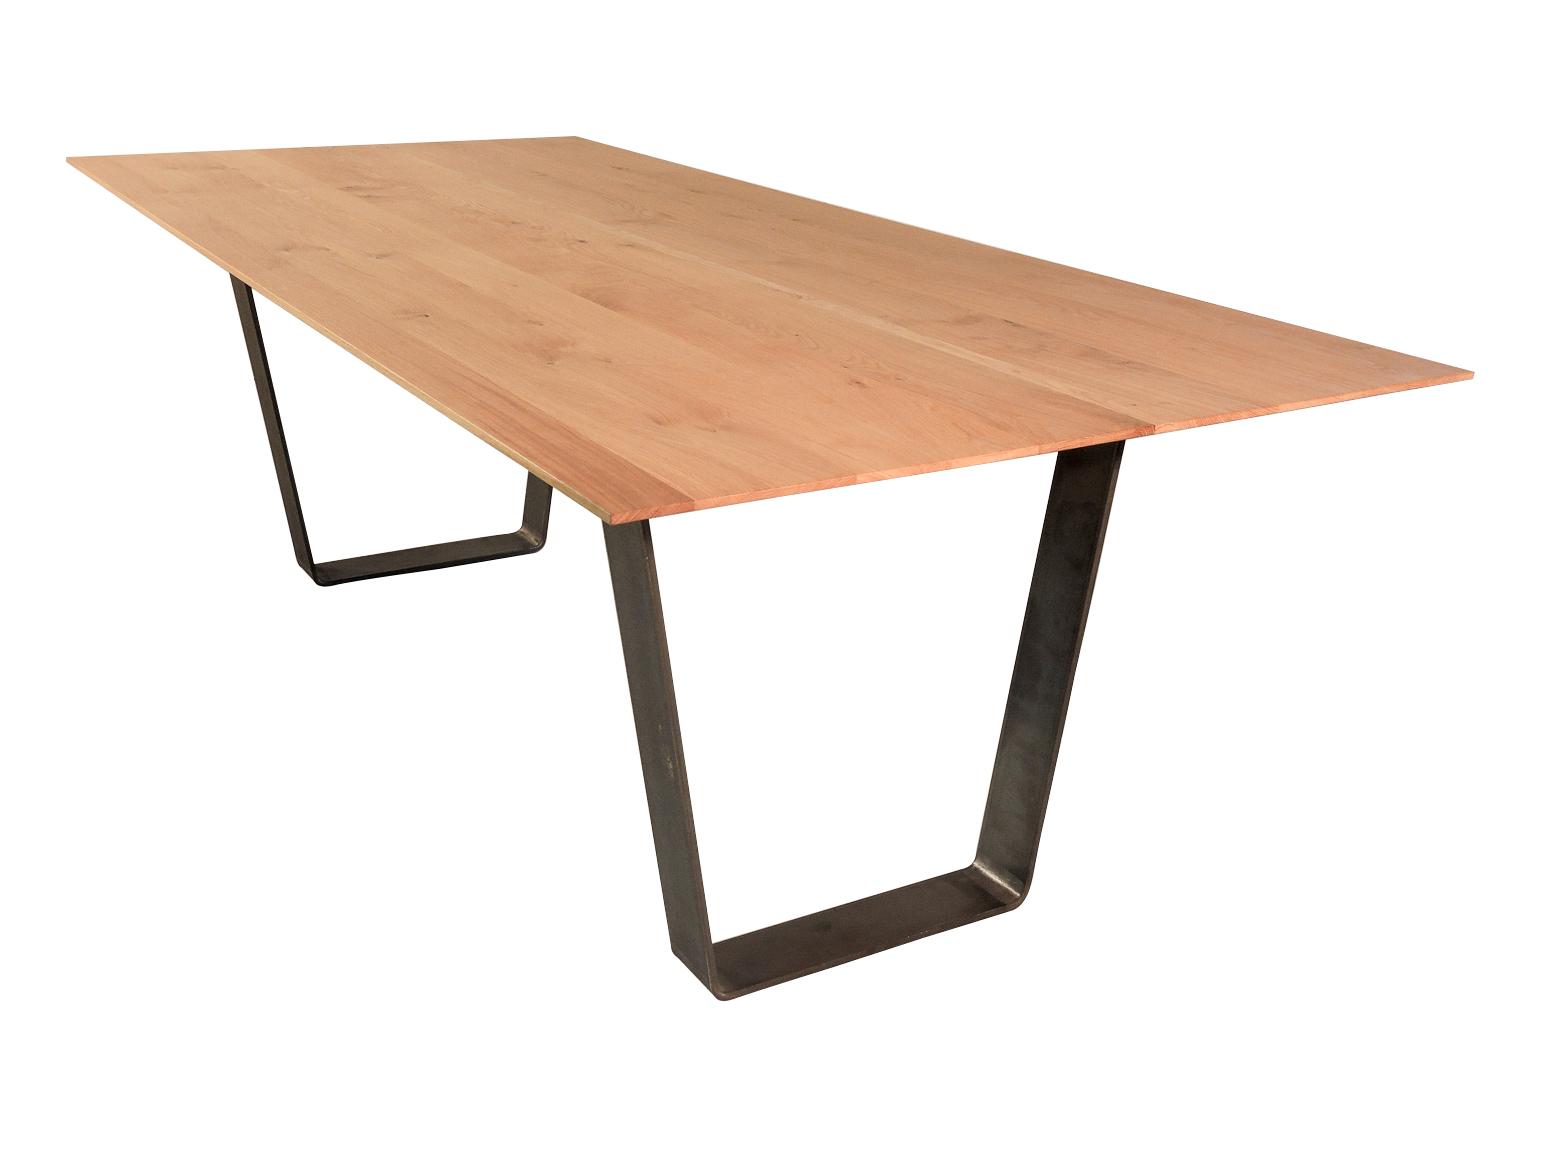 Design Eetkamer Tafel.Brescia Design Tafel